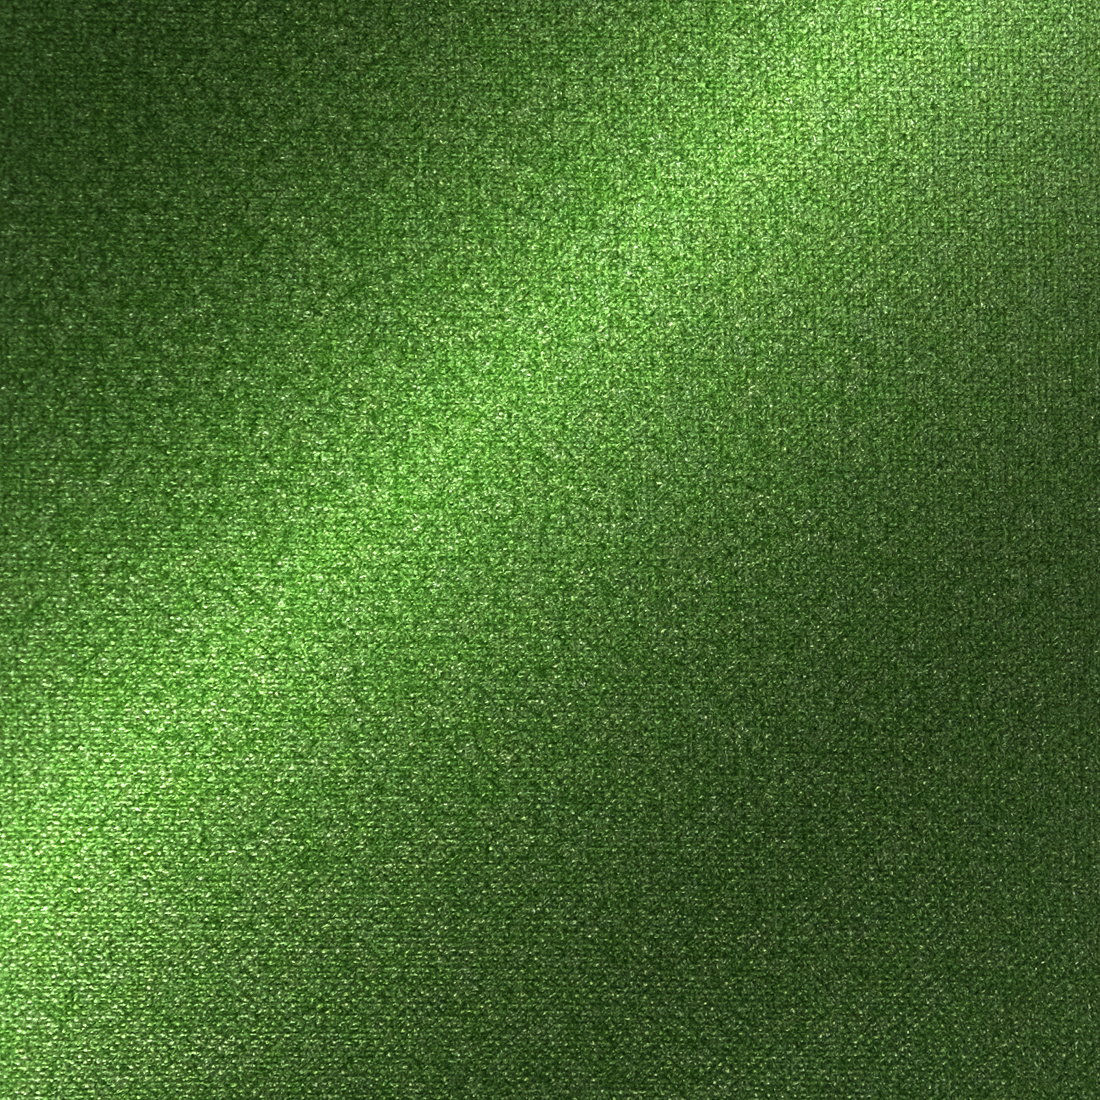 560_084G_GrunGlitzer-frogbelly